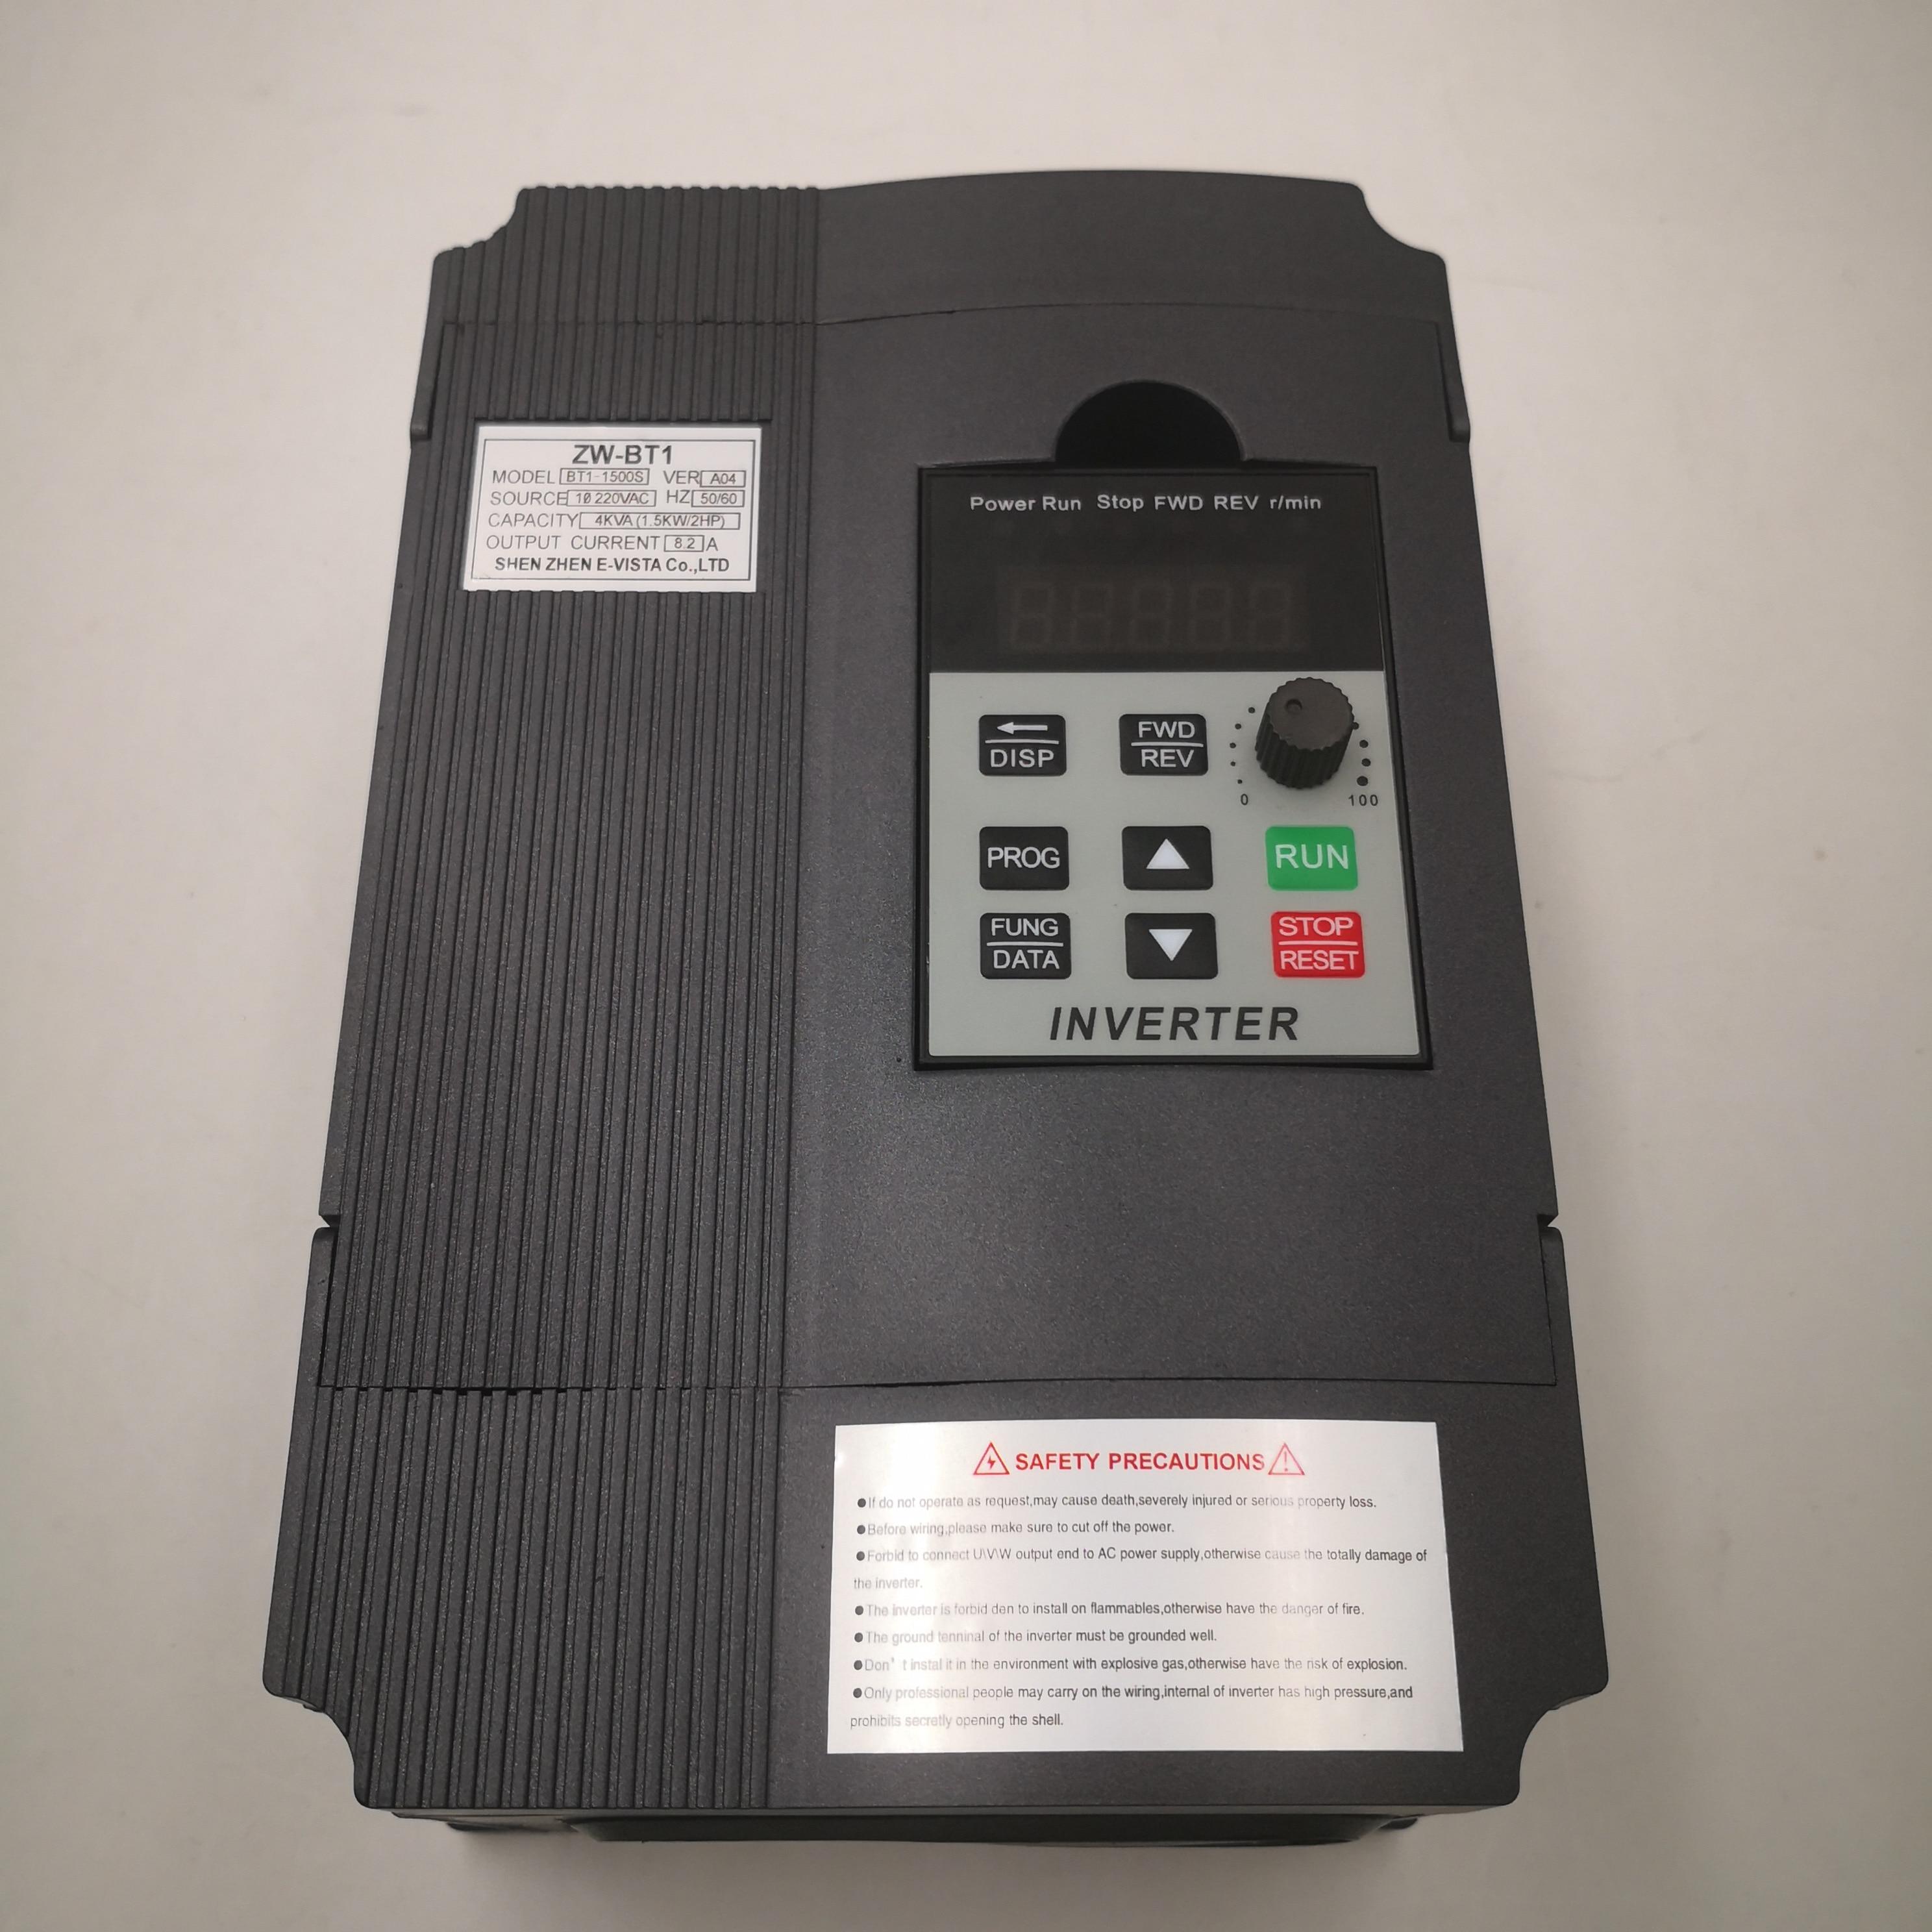 VFD onduleur VFD 1.5KW/2.2KW convertisseur de fréquence ZW-BT1 3 P 220 V convertisseur de fréquence de sortie VFD variateur de fréquence